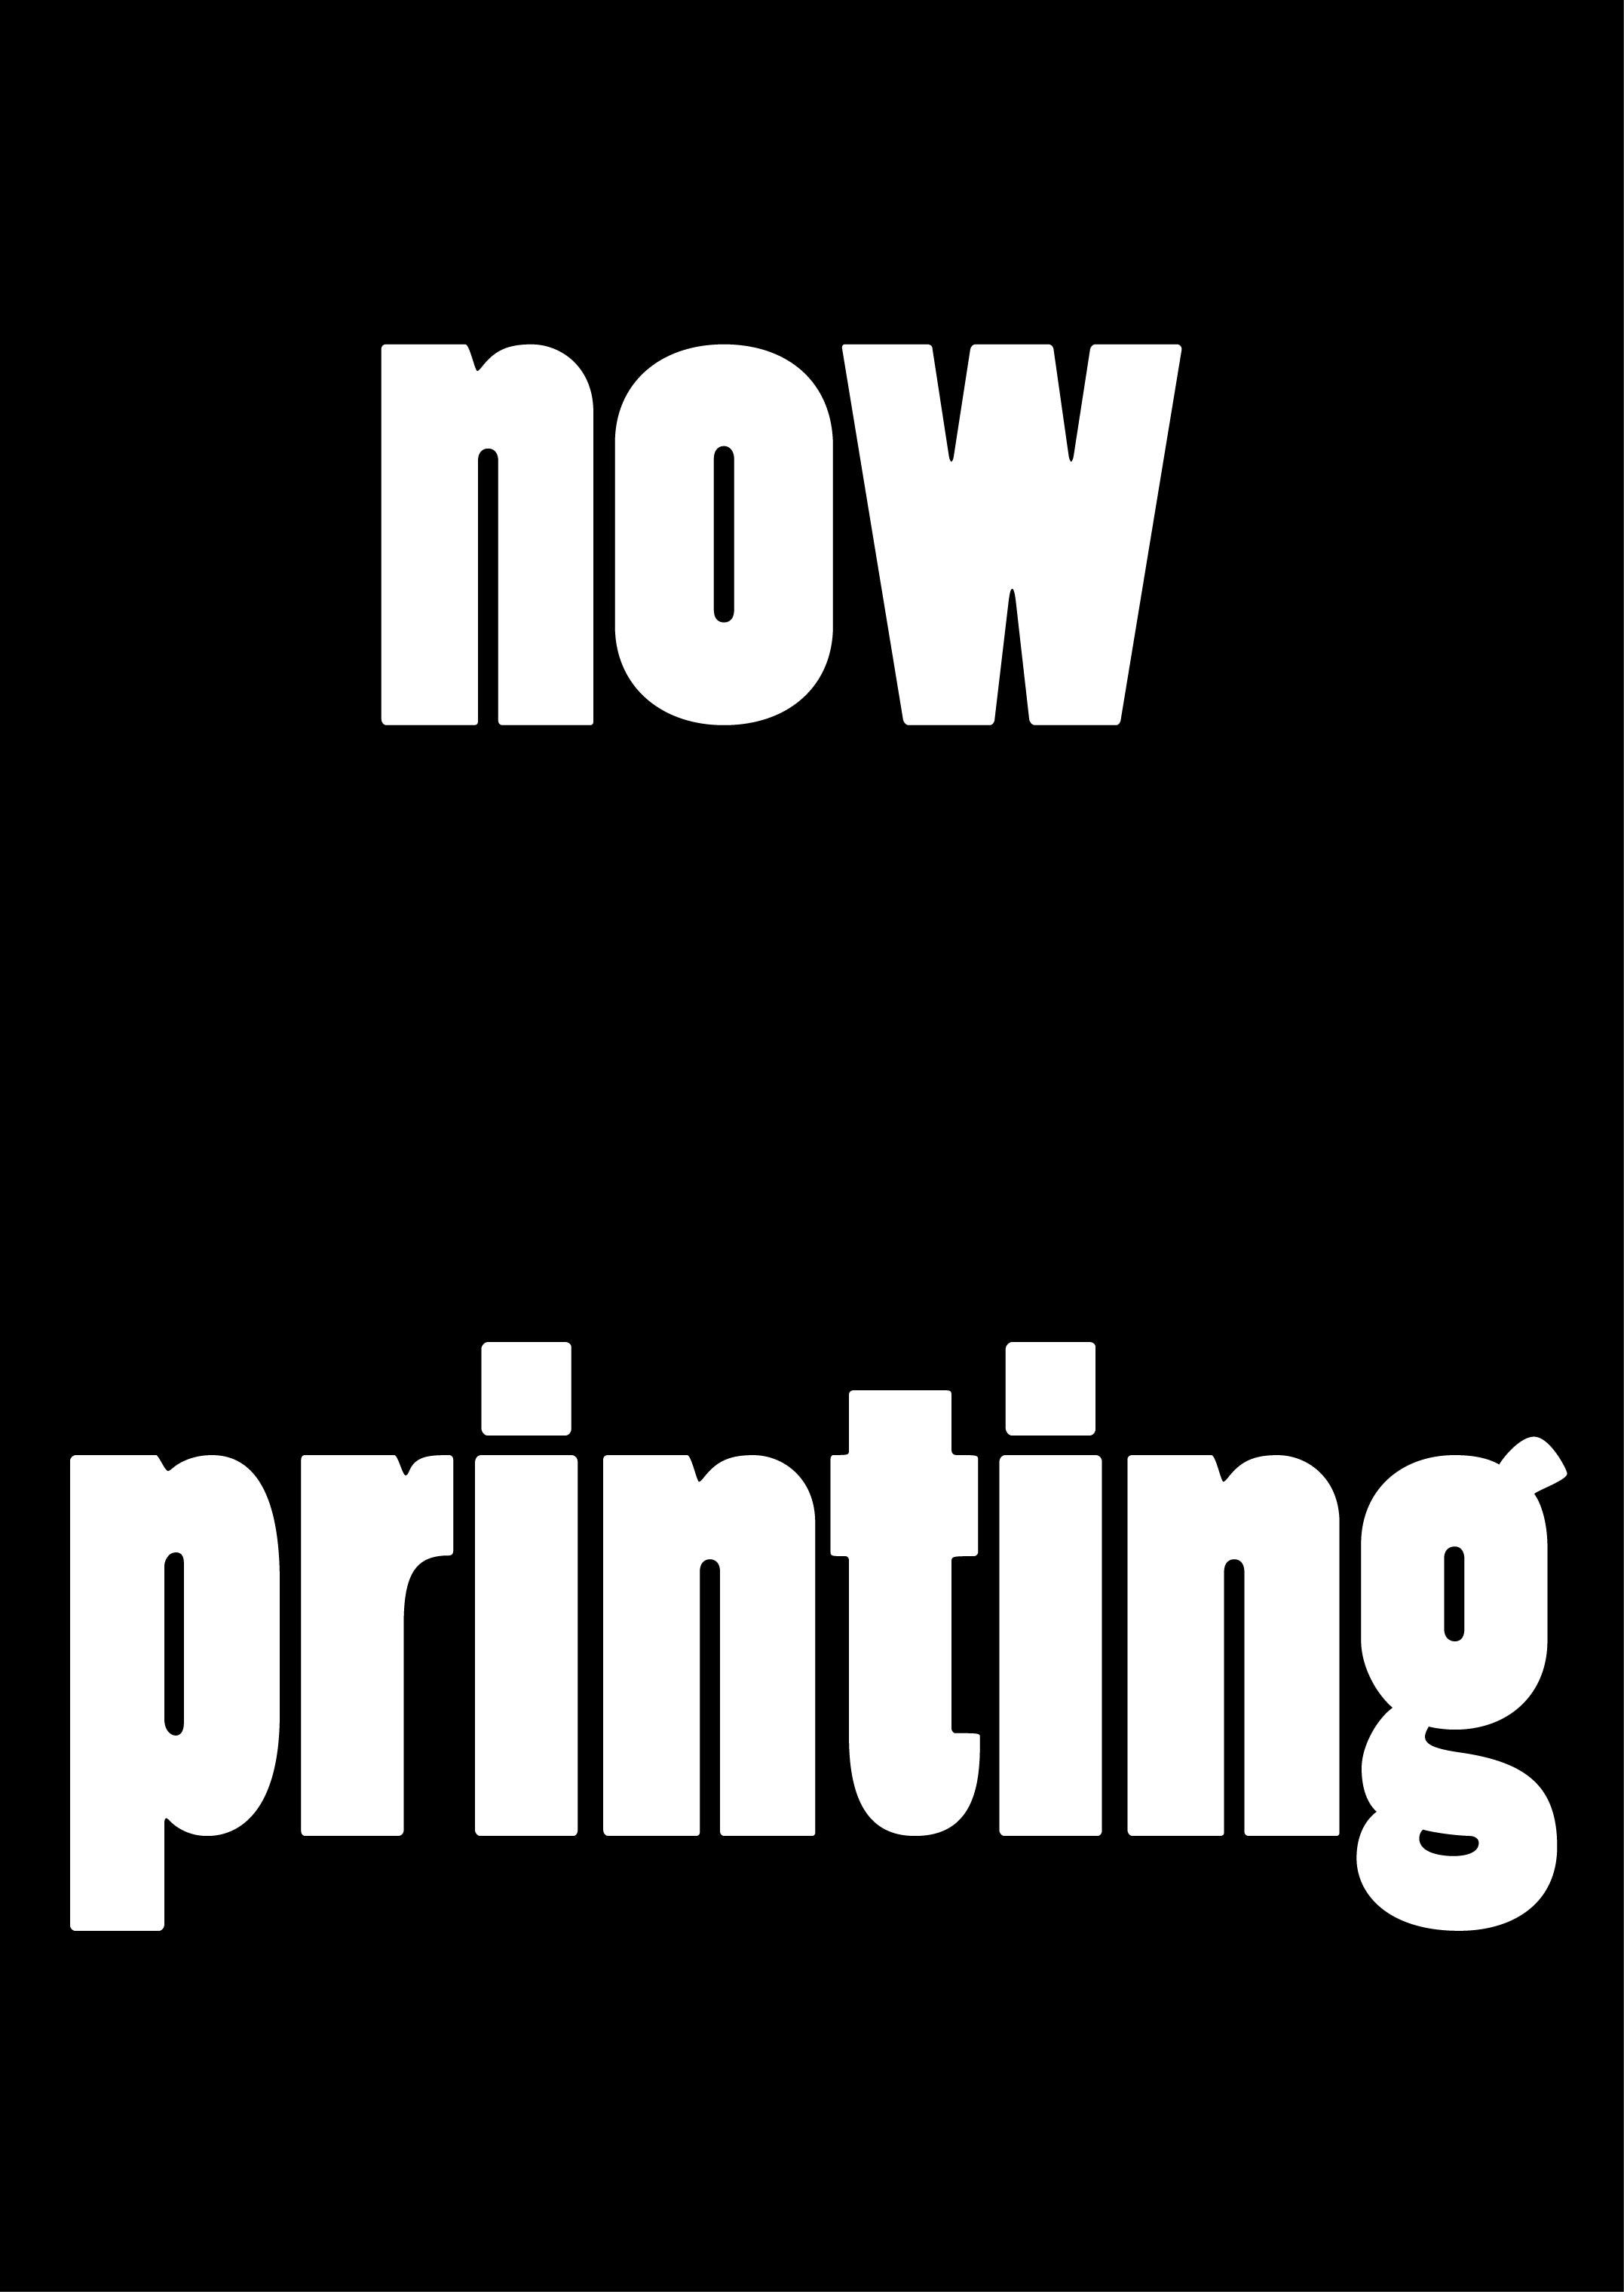 リンガー 《特別音響上映》【字幕版】1800円均一料金 2/24・25の2日間の特別限定上映